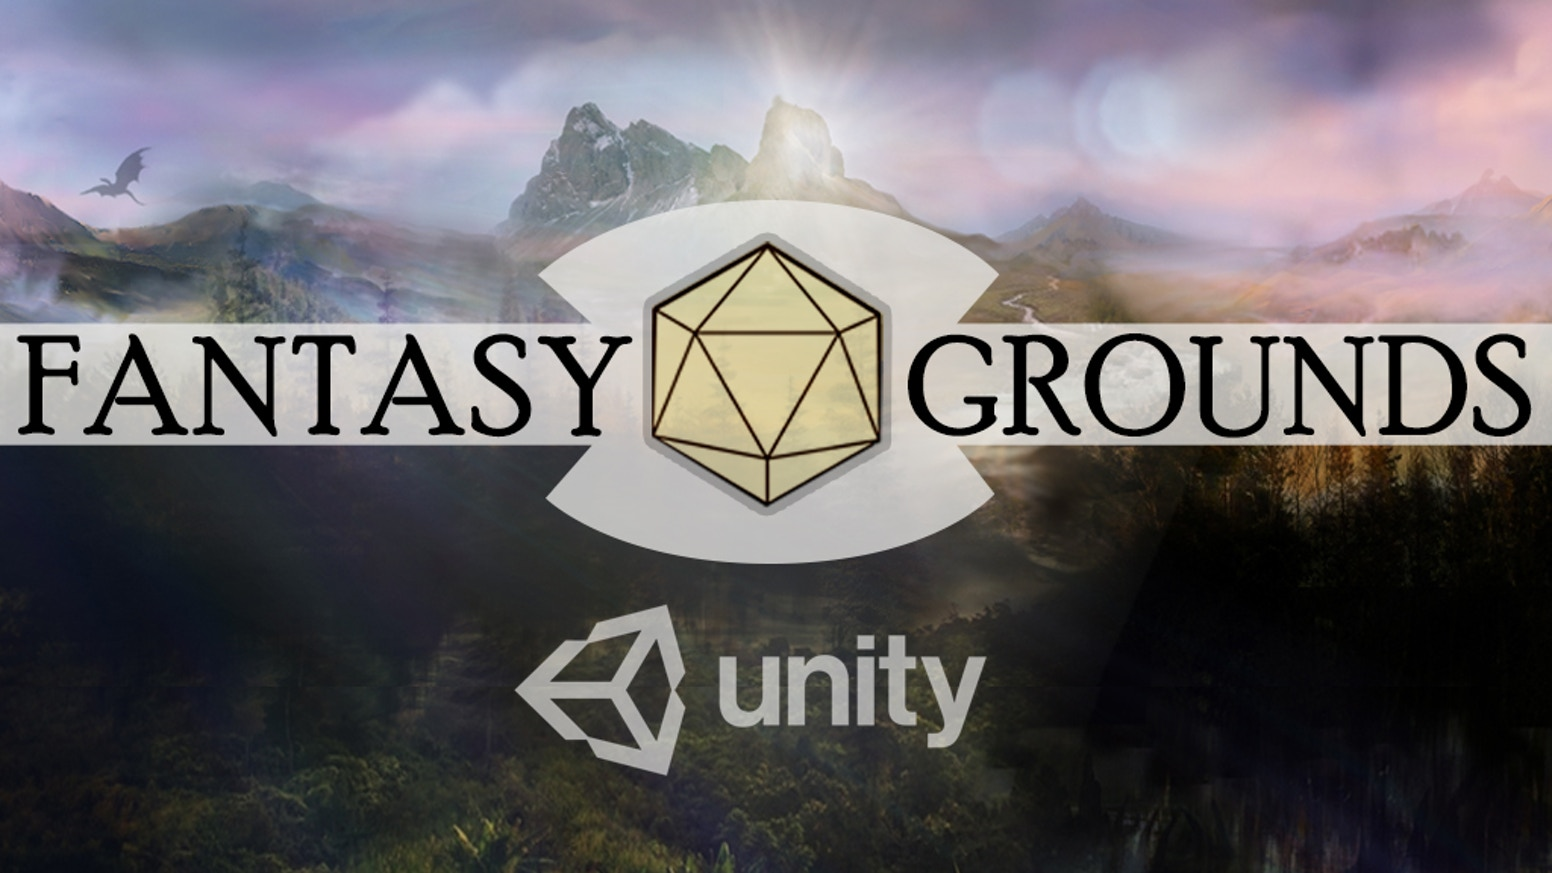 Fantasy Grounds Unity by SmiteWorks — Kickstarter